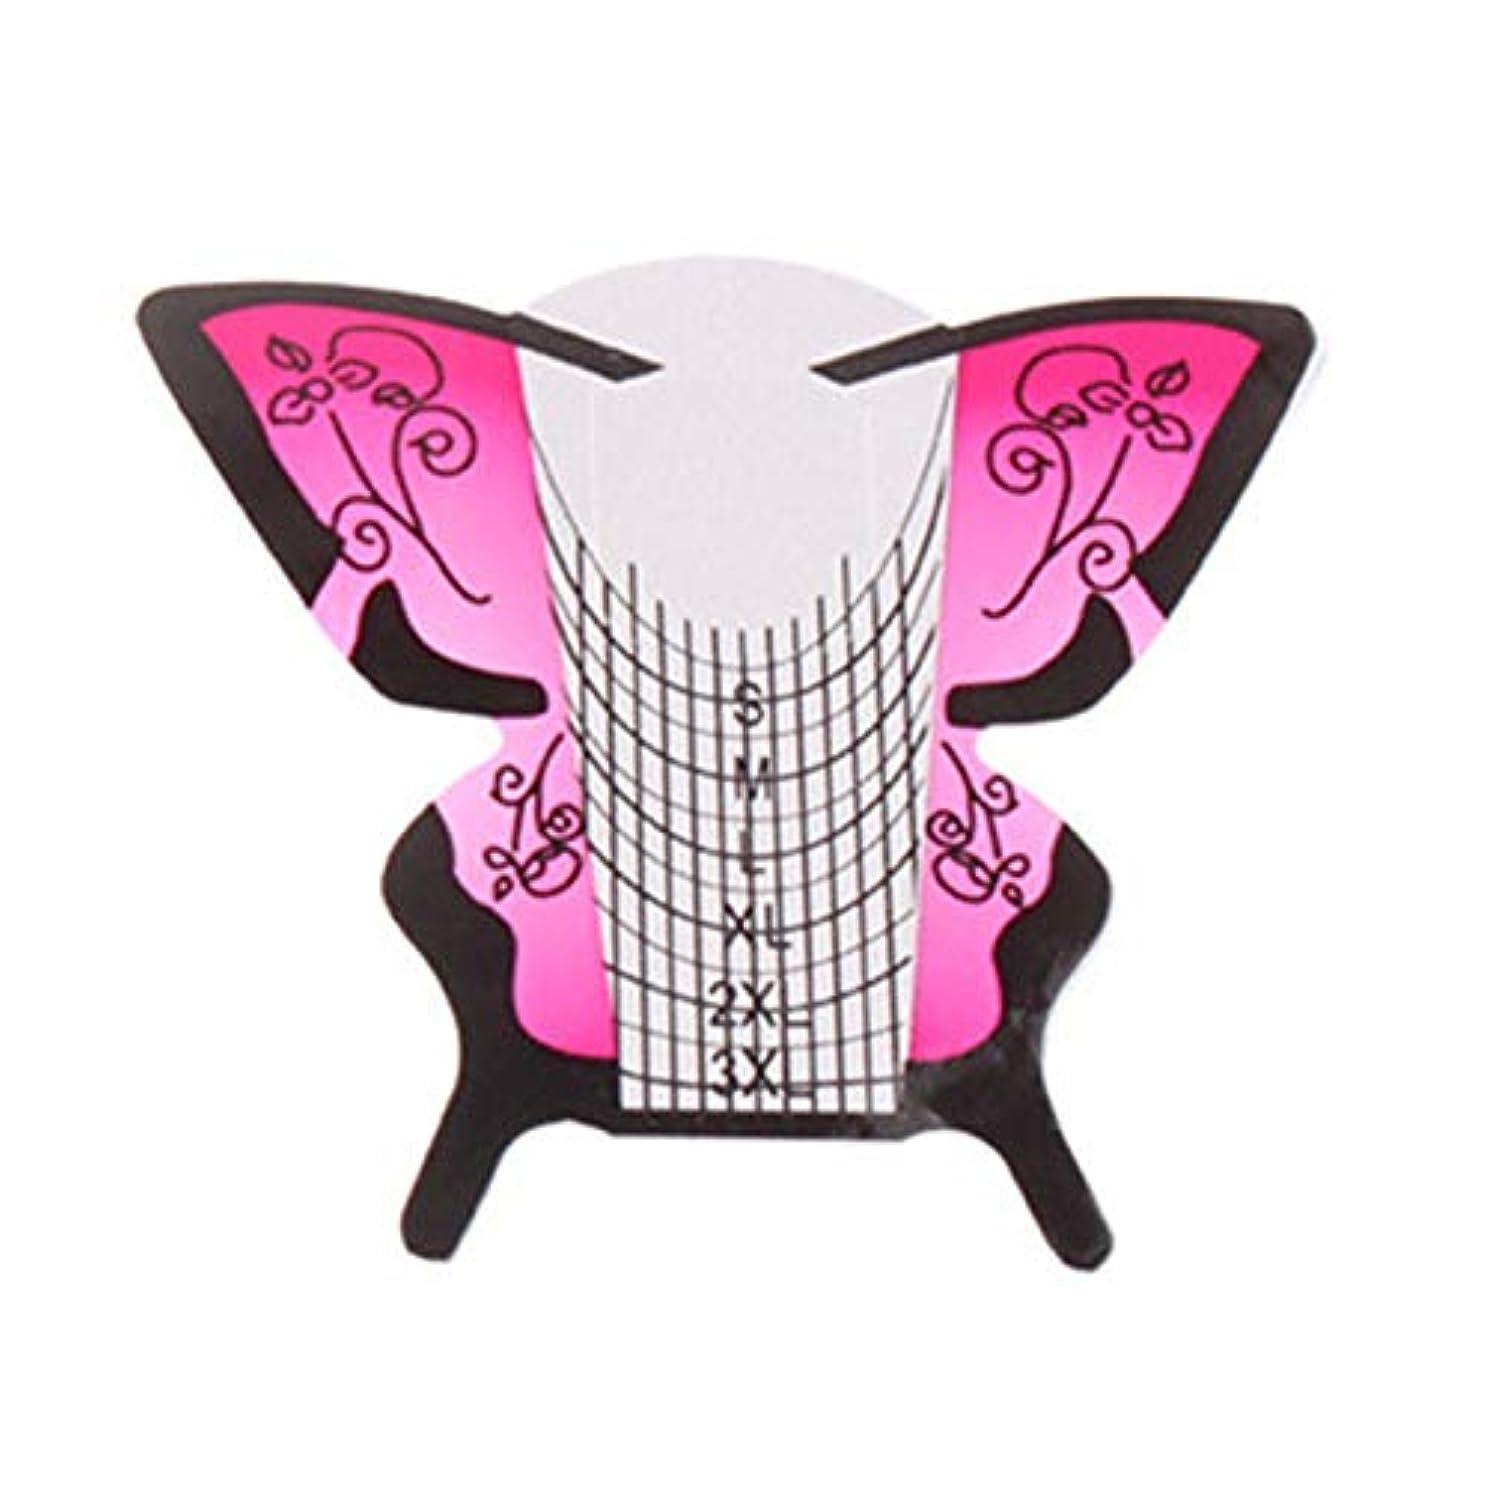 ナース夫マイクMoligh doll 300個/ロール ネイルアートフォーム蝶彫刻のヒントステッカーガイド拡張アクリルUVジェルツール 給紙トレイB